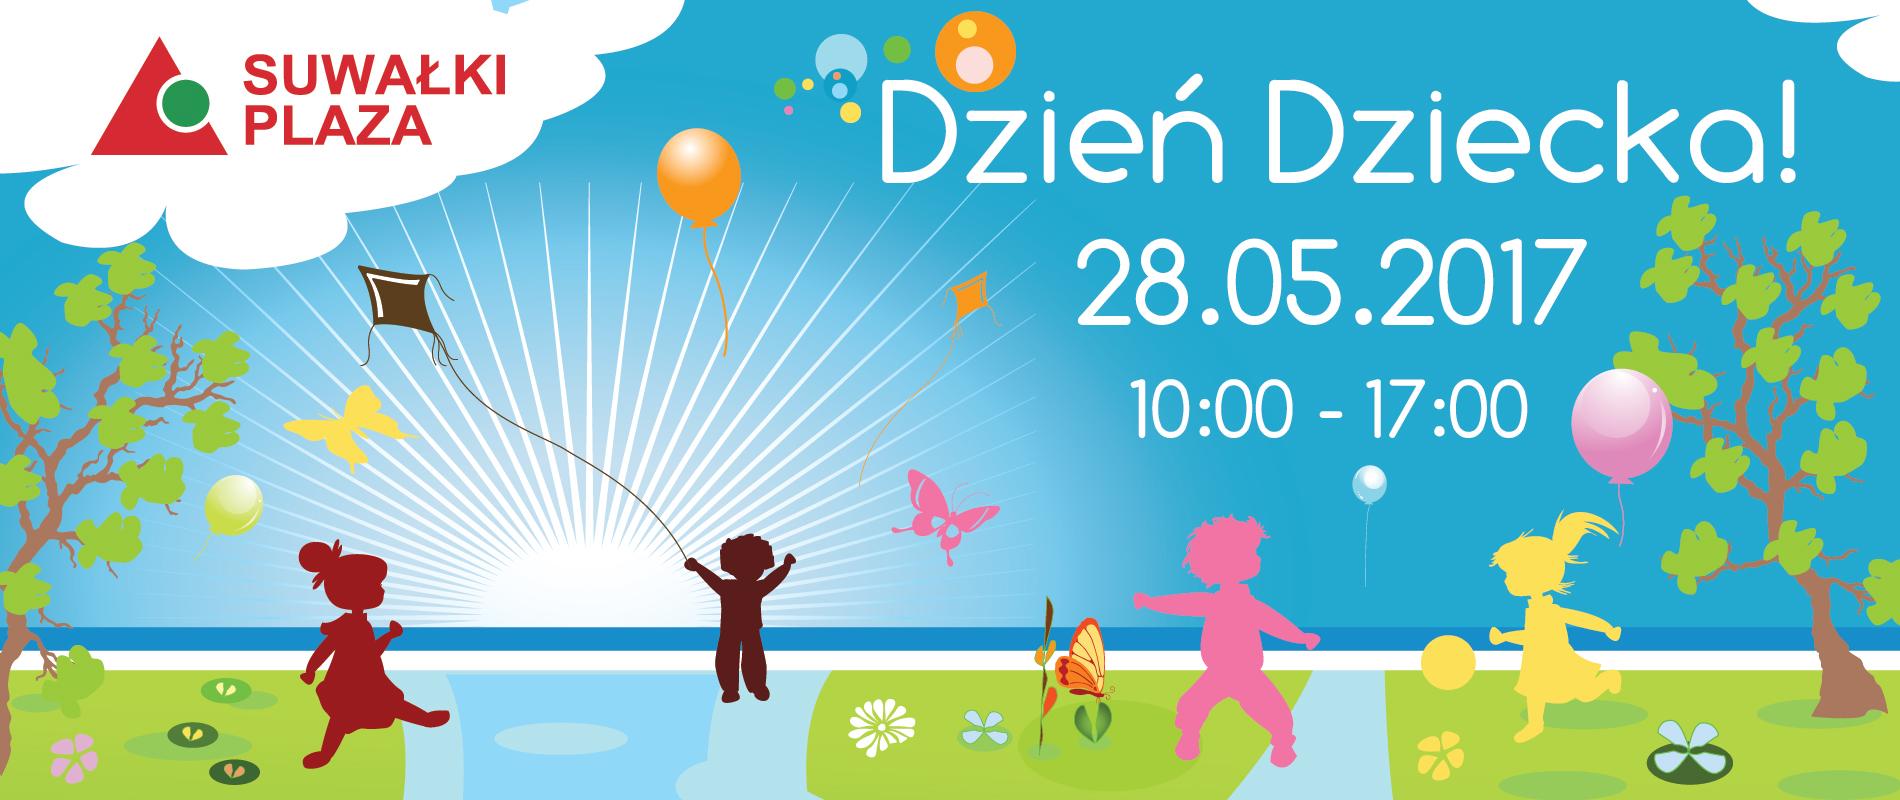 Dzień dziecka 28.05 od 10:00 do 17:00